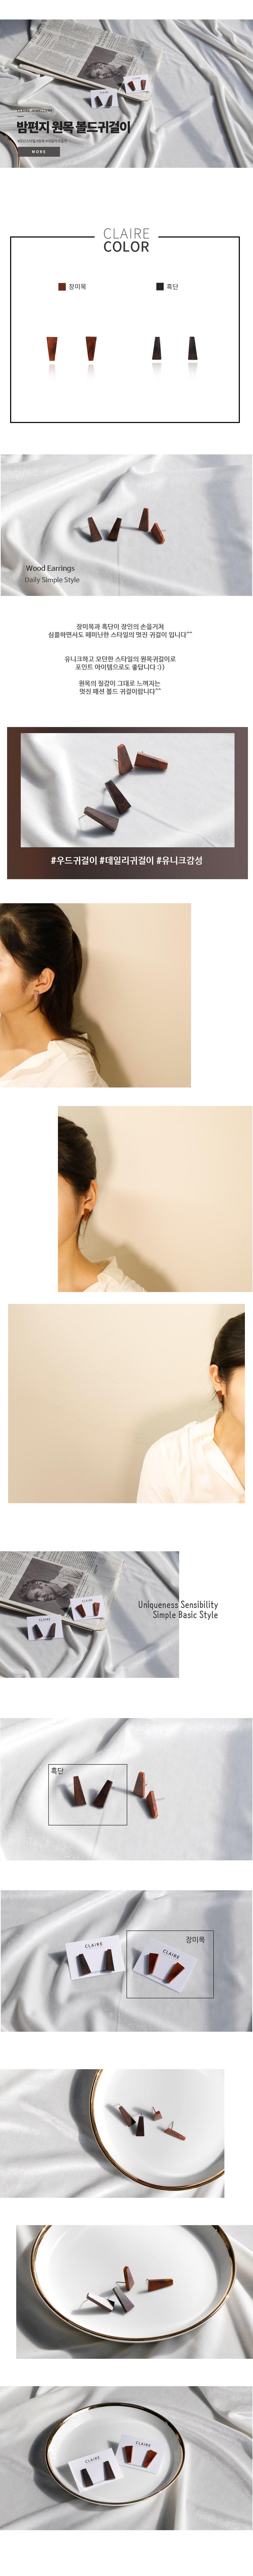 밤편지 원목 볼드귀걸이 - 클레어쥬얼리, 10,500원, 진주/원석, 볼귀걸이